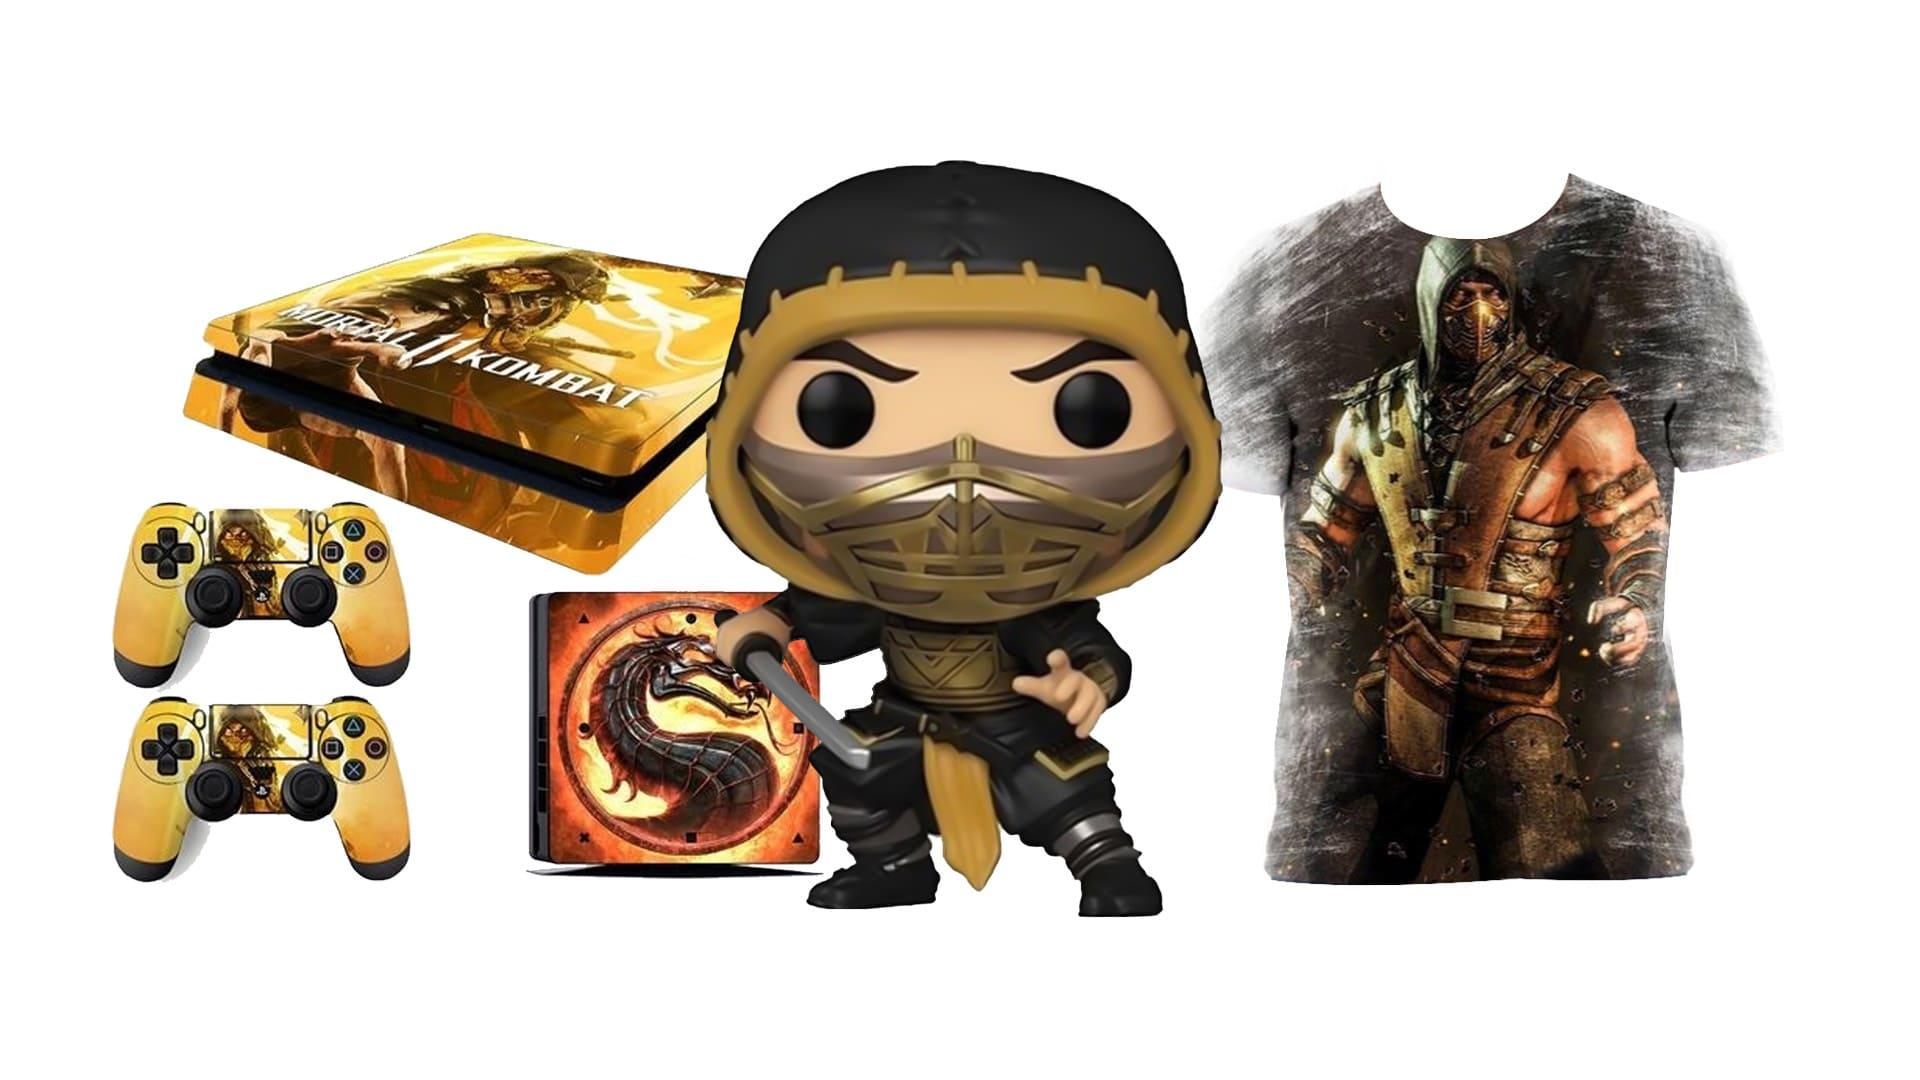 Montagem com diversos produtos sobre o ninja amarelo de Mortal Kombat, Scorpion